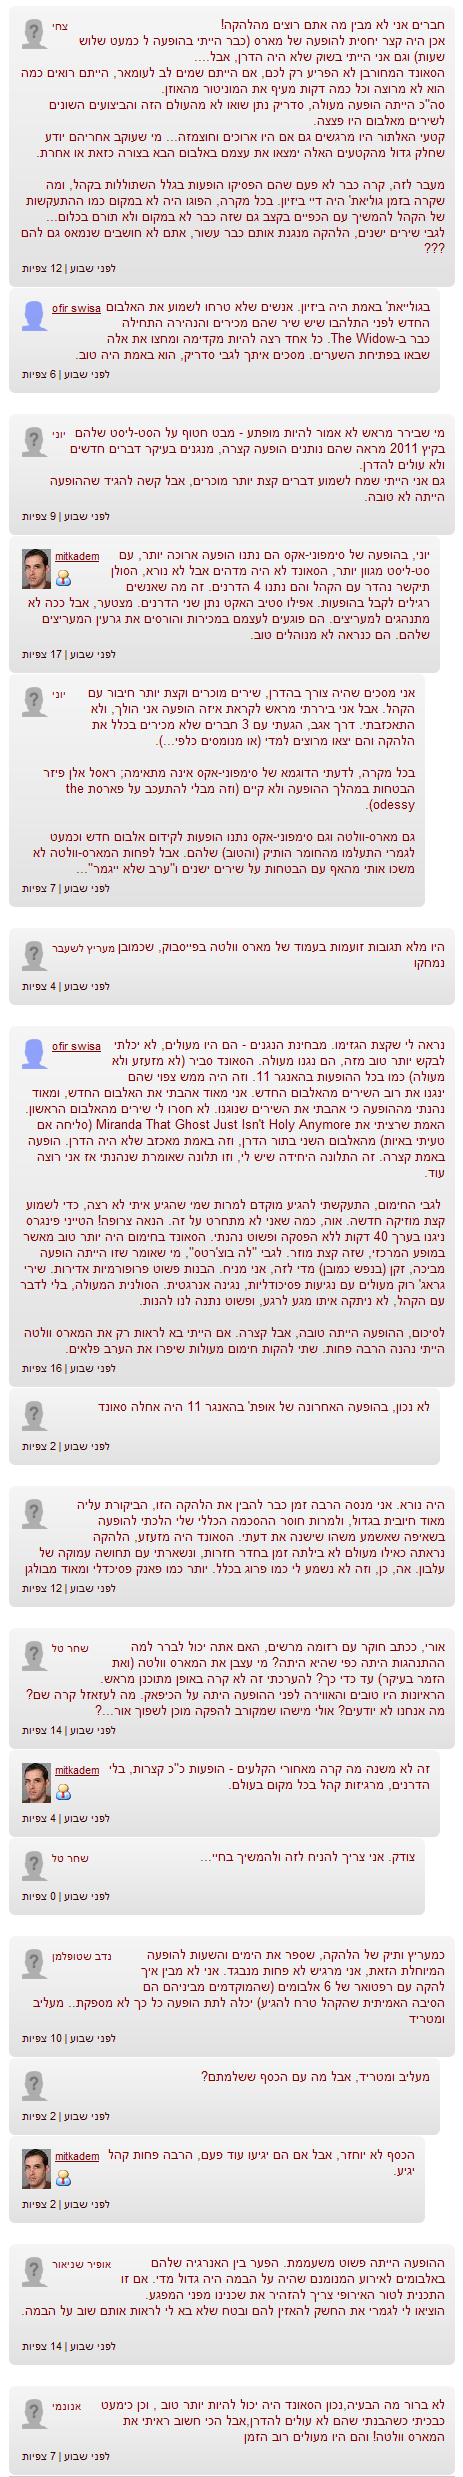 תגובות ישנות בארכיון - ההופעה של מארס וולטה בישראל